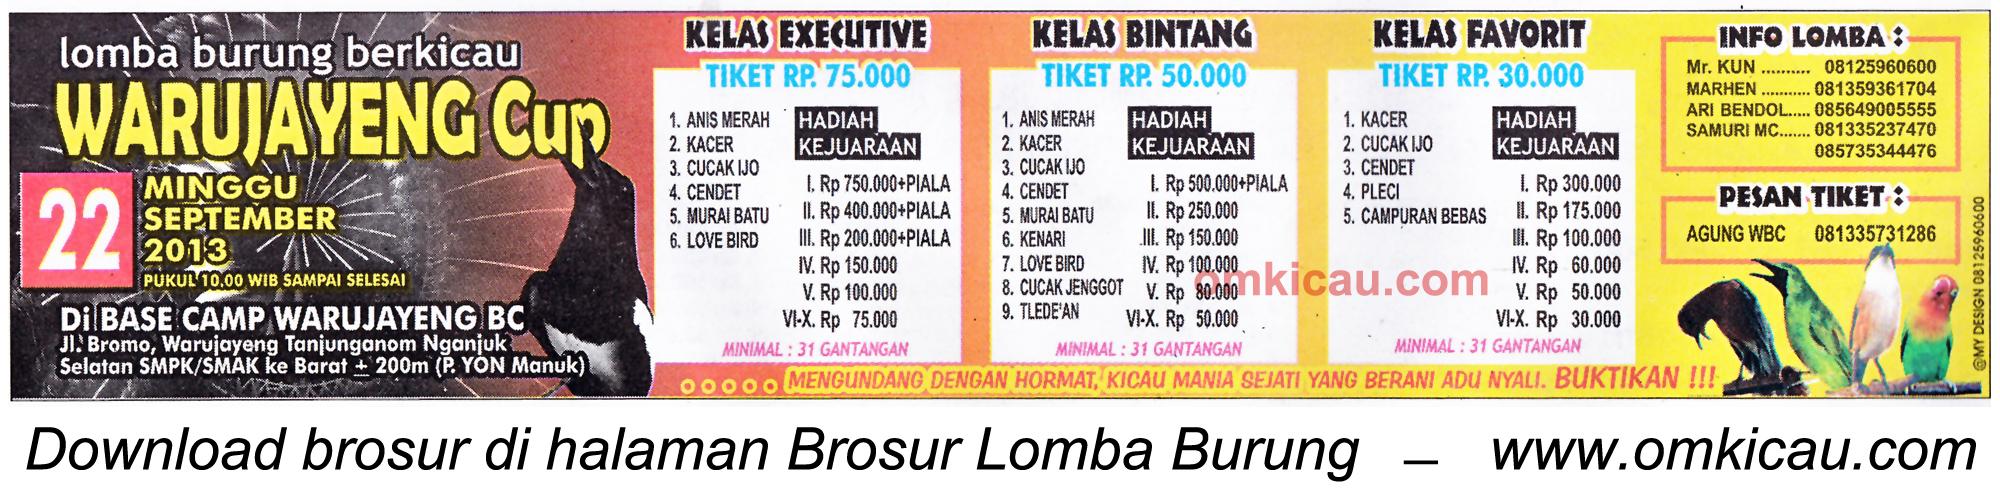 Brosur Lomba Burung Warujayeng Cup - Nganjuk 22 Sept 2013